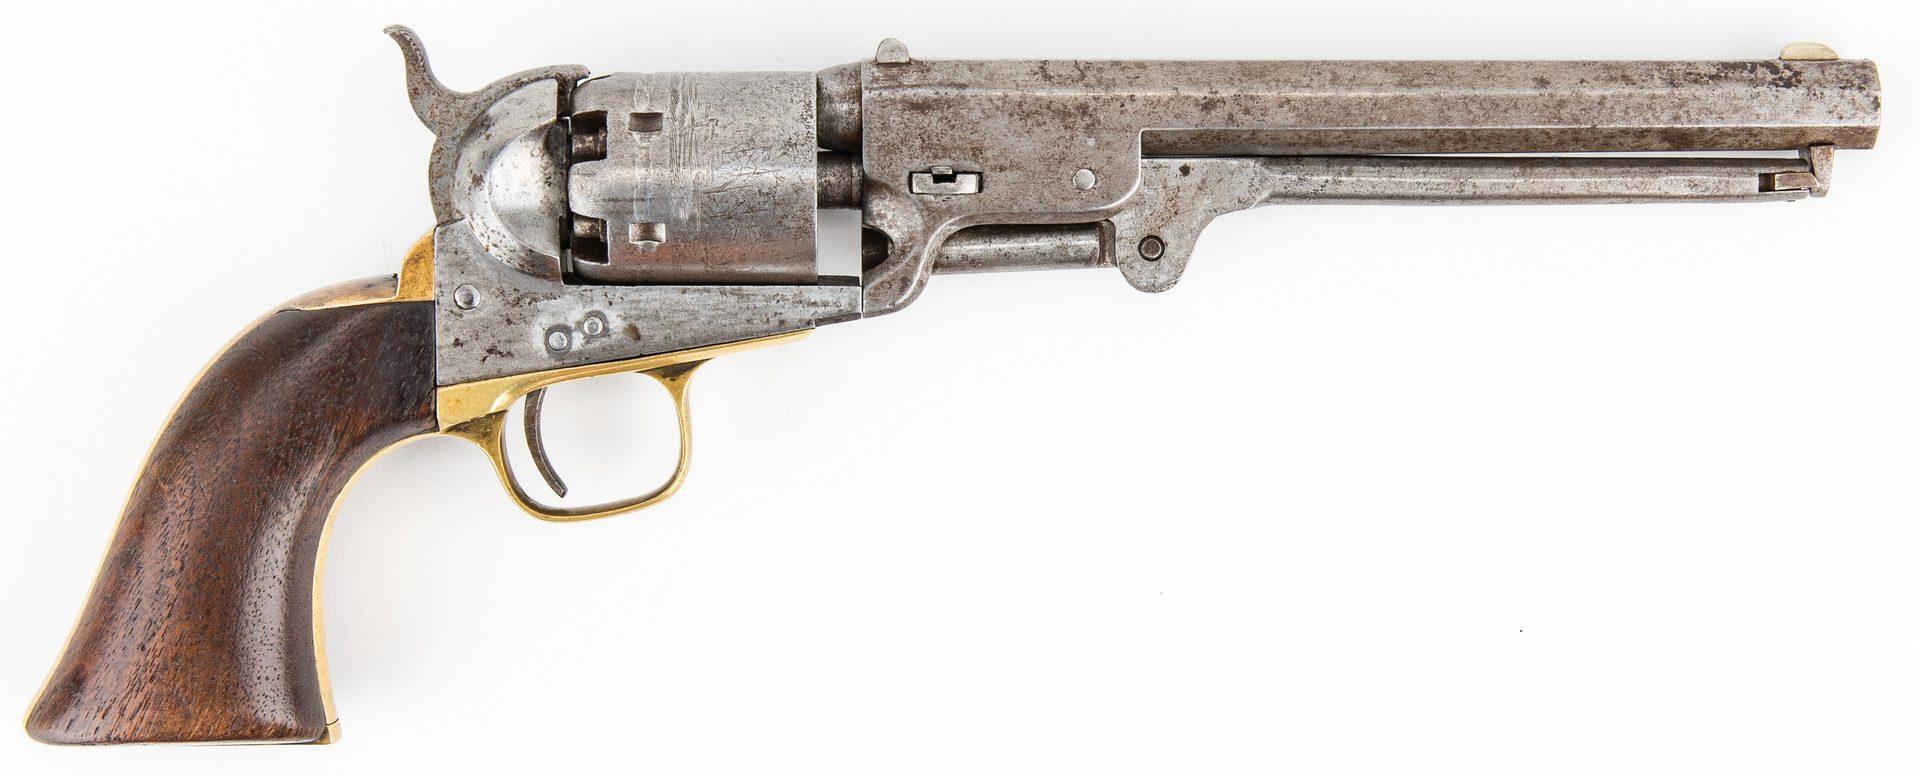 Lot 297: Colt Model 1851 Navy Revolver, .38 cal., T. H. Biscoe 5th LA Vols